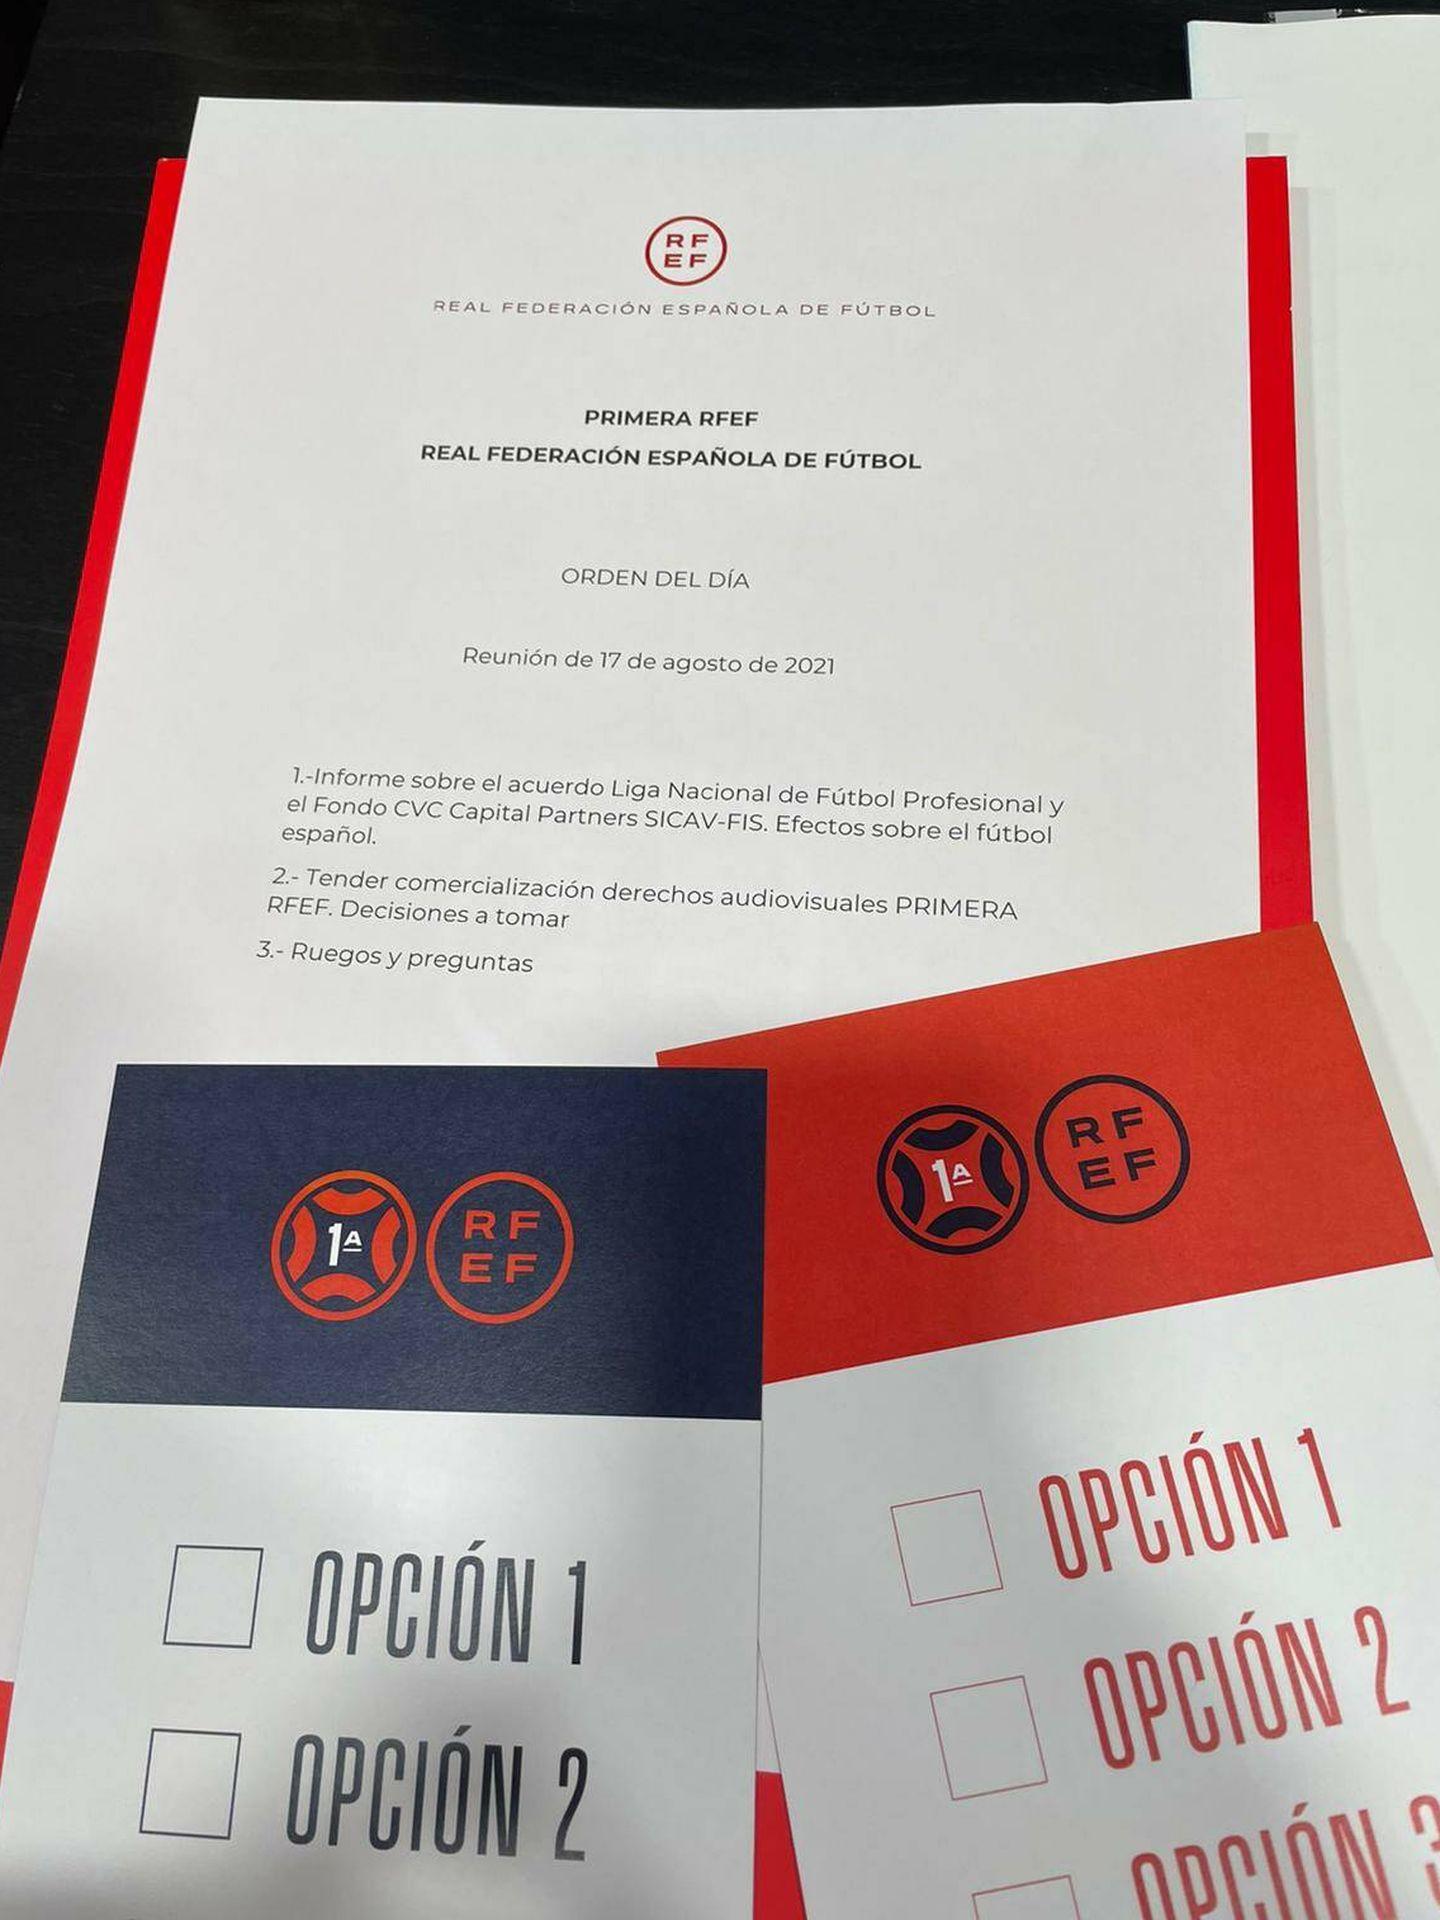 Papeleta que se entregó a los clubes de la Primera RFEF.